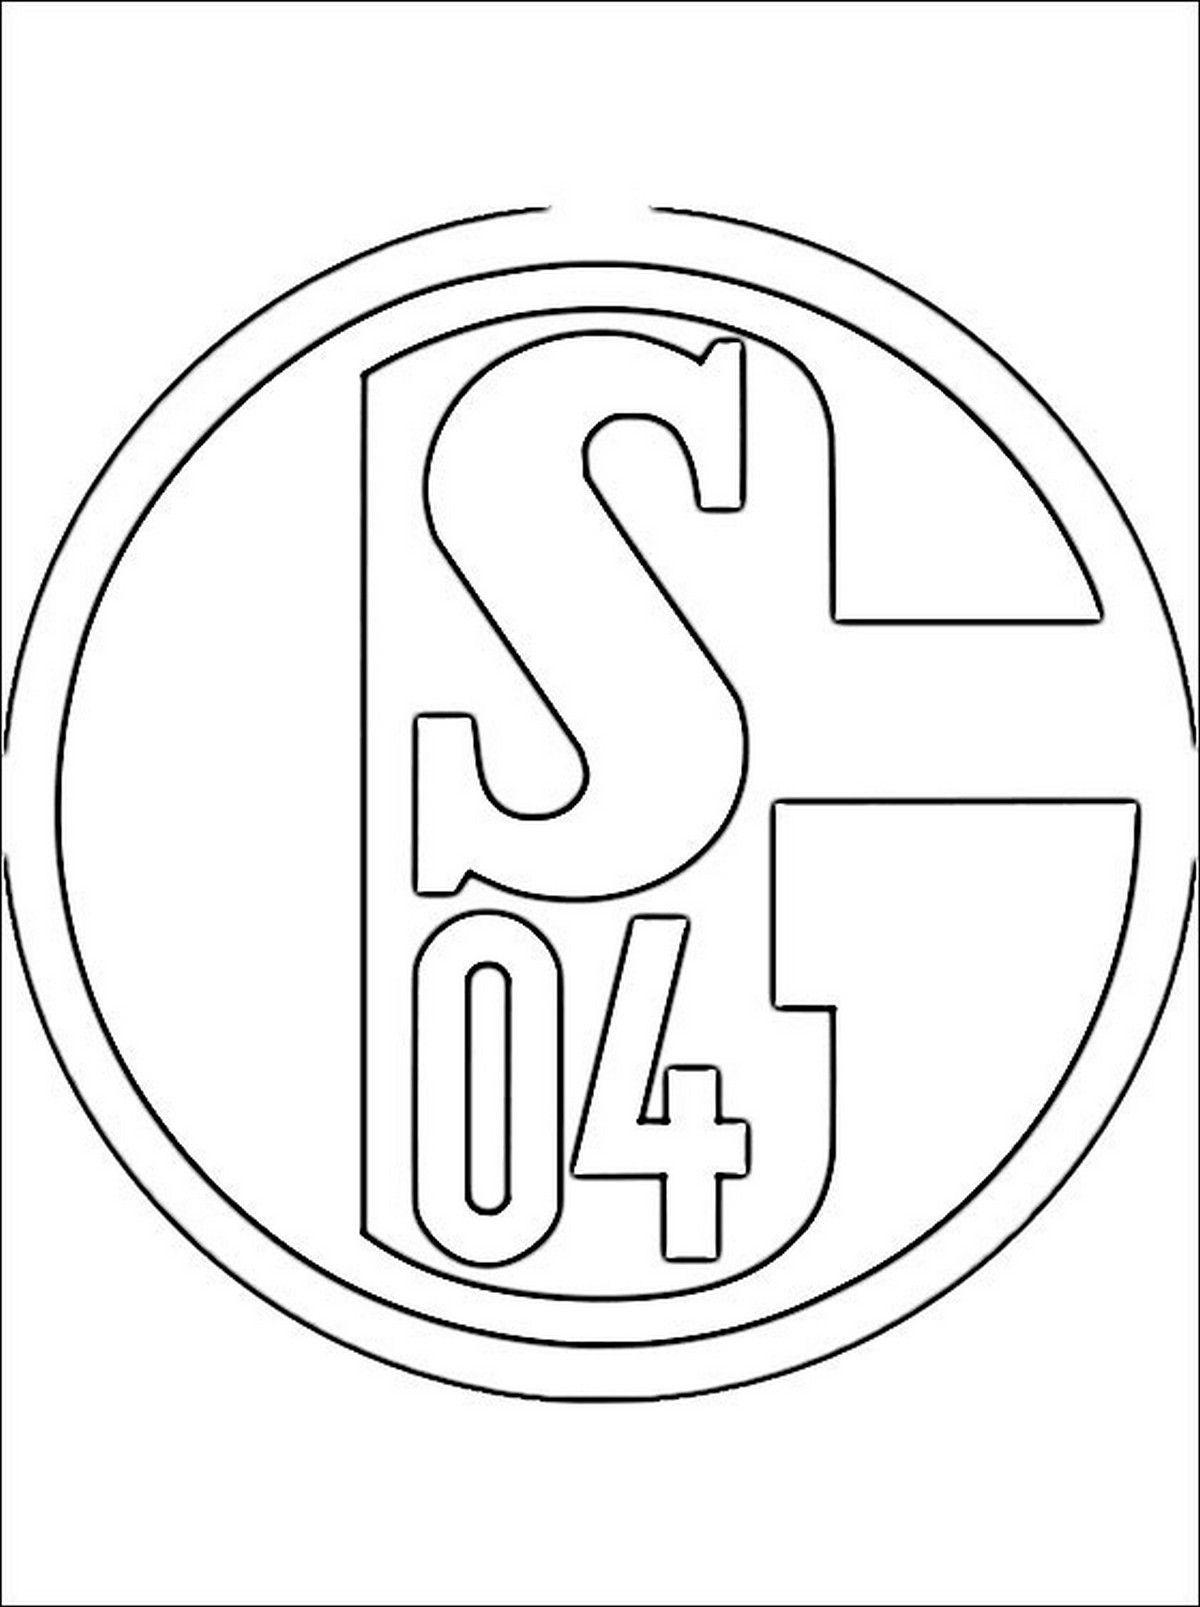 Fussball Ausmalbilder Schalke Ausmalbilder Fussball Ausmalbilder Zum Ausdrucken Ausmalen